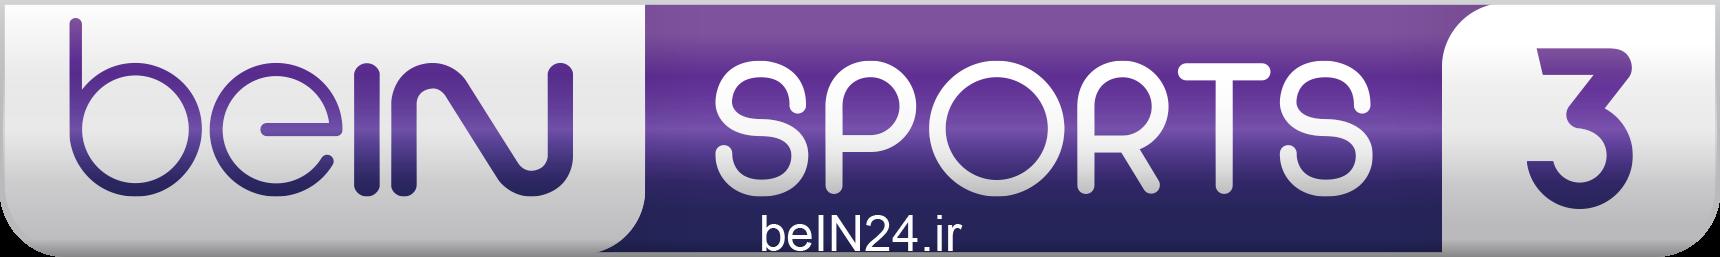 شبکه بین اسپرت ۳